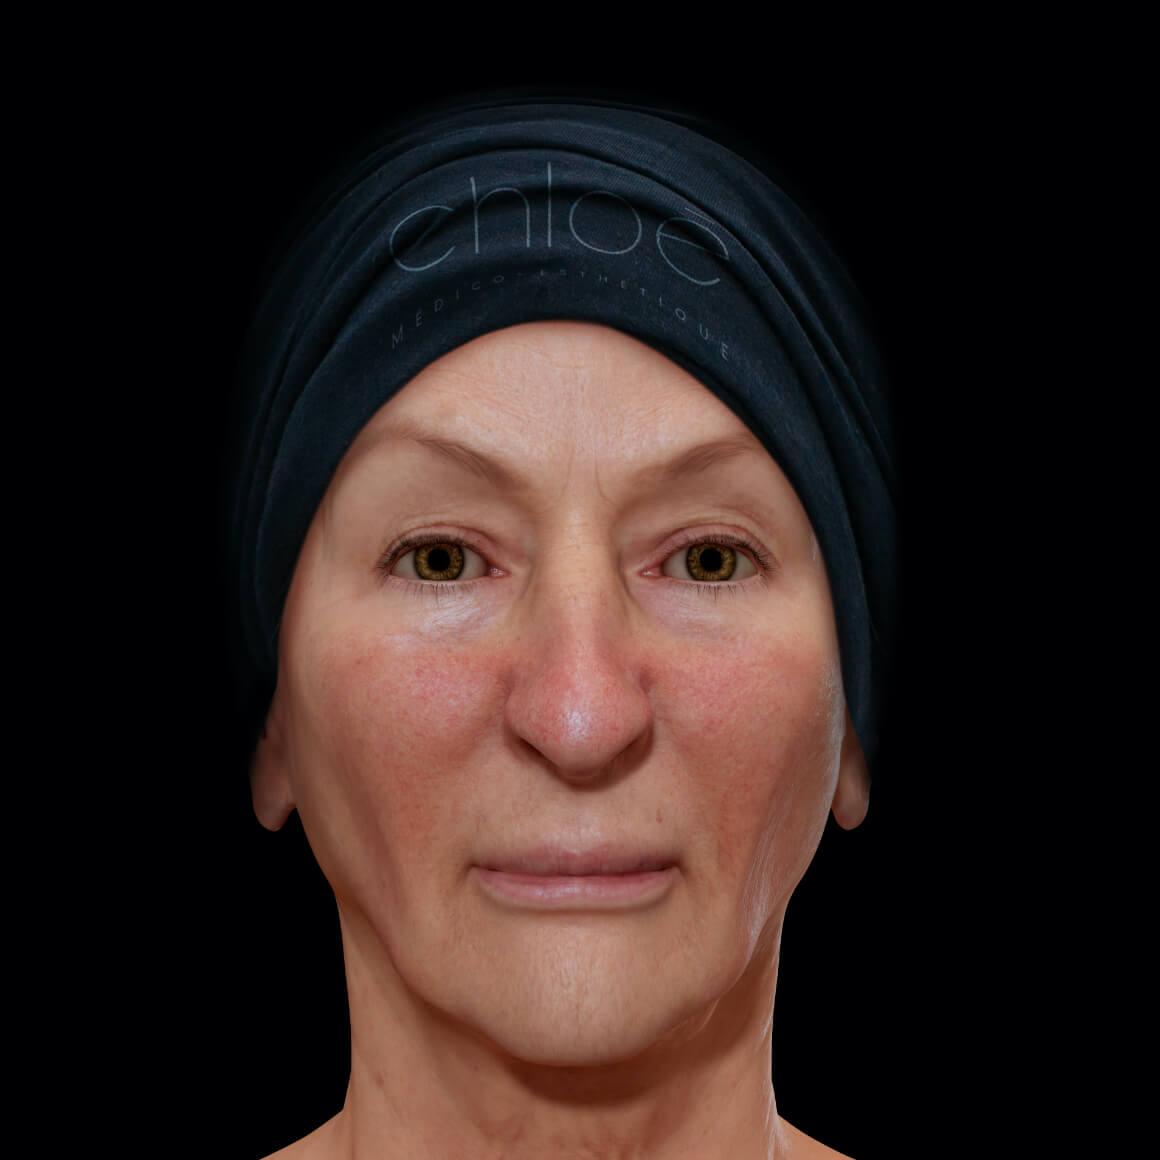 Patiente de la Clinique Chloé positionnée de face ayant de la rosacée sur les joues et le nez